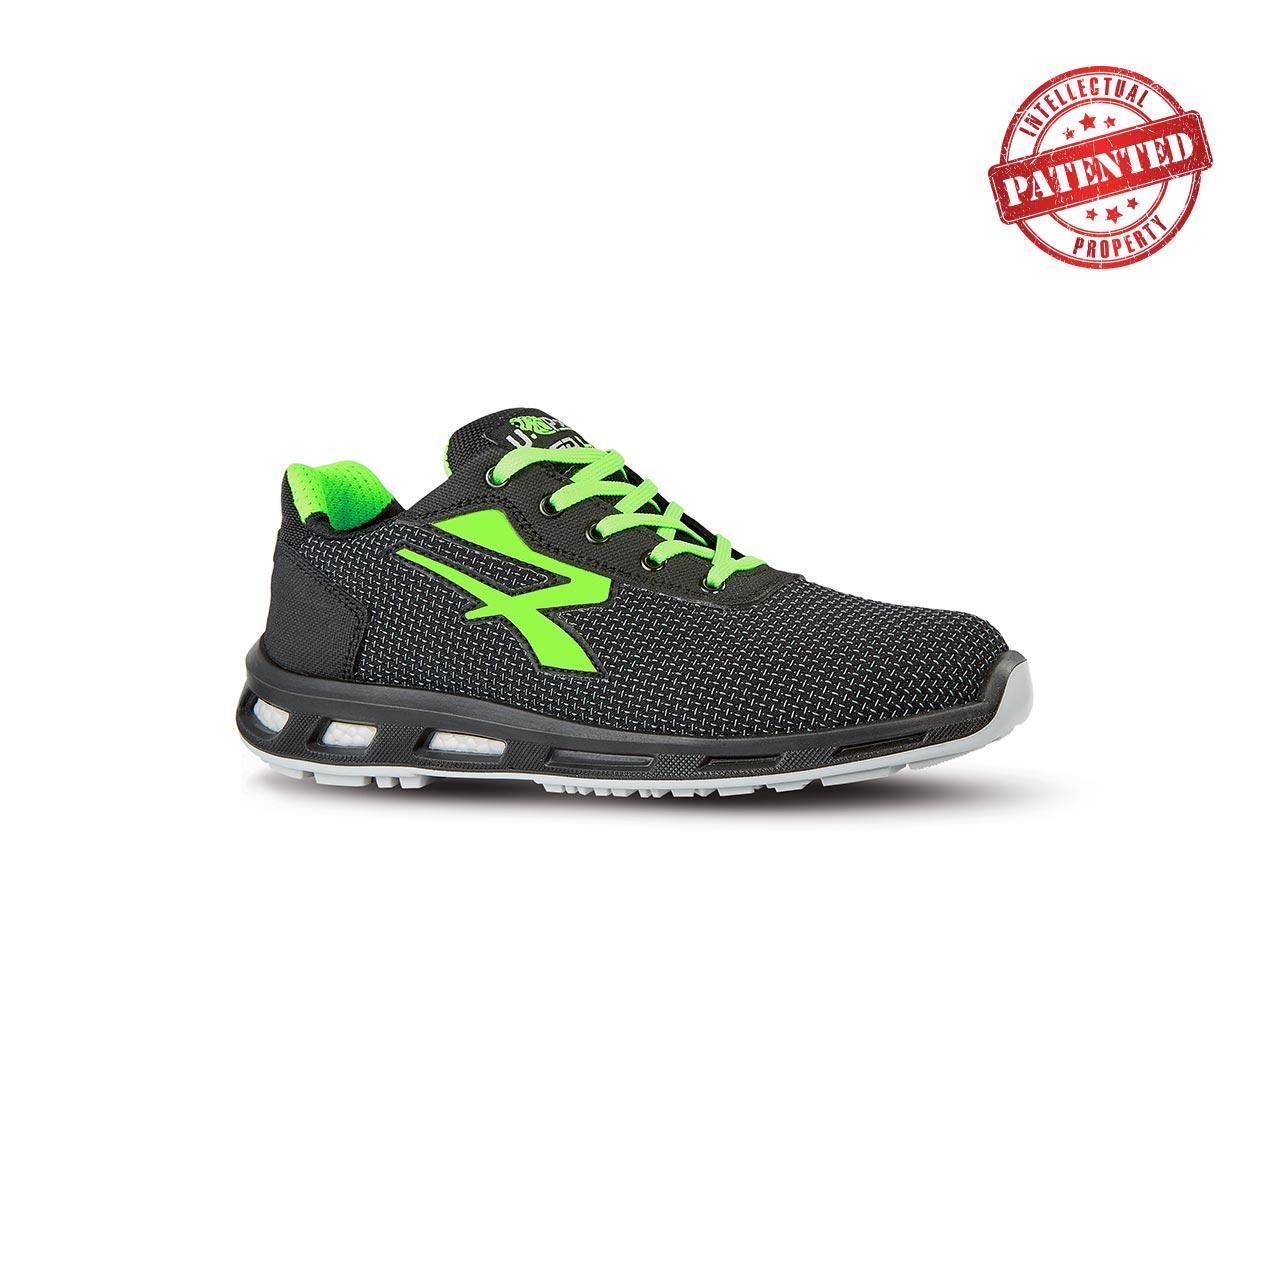 scarpa antinfortunistica upower modello strong linea redlion vista laterale